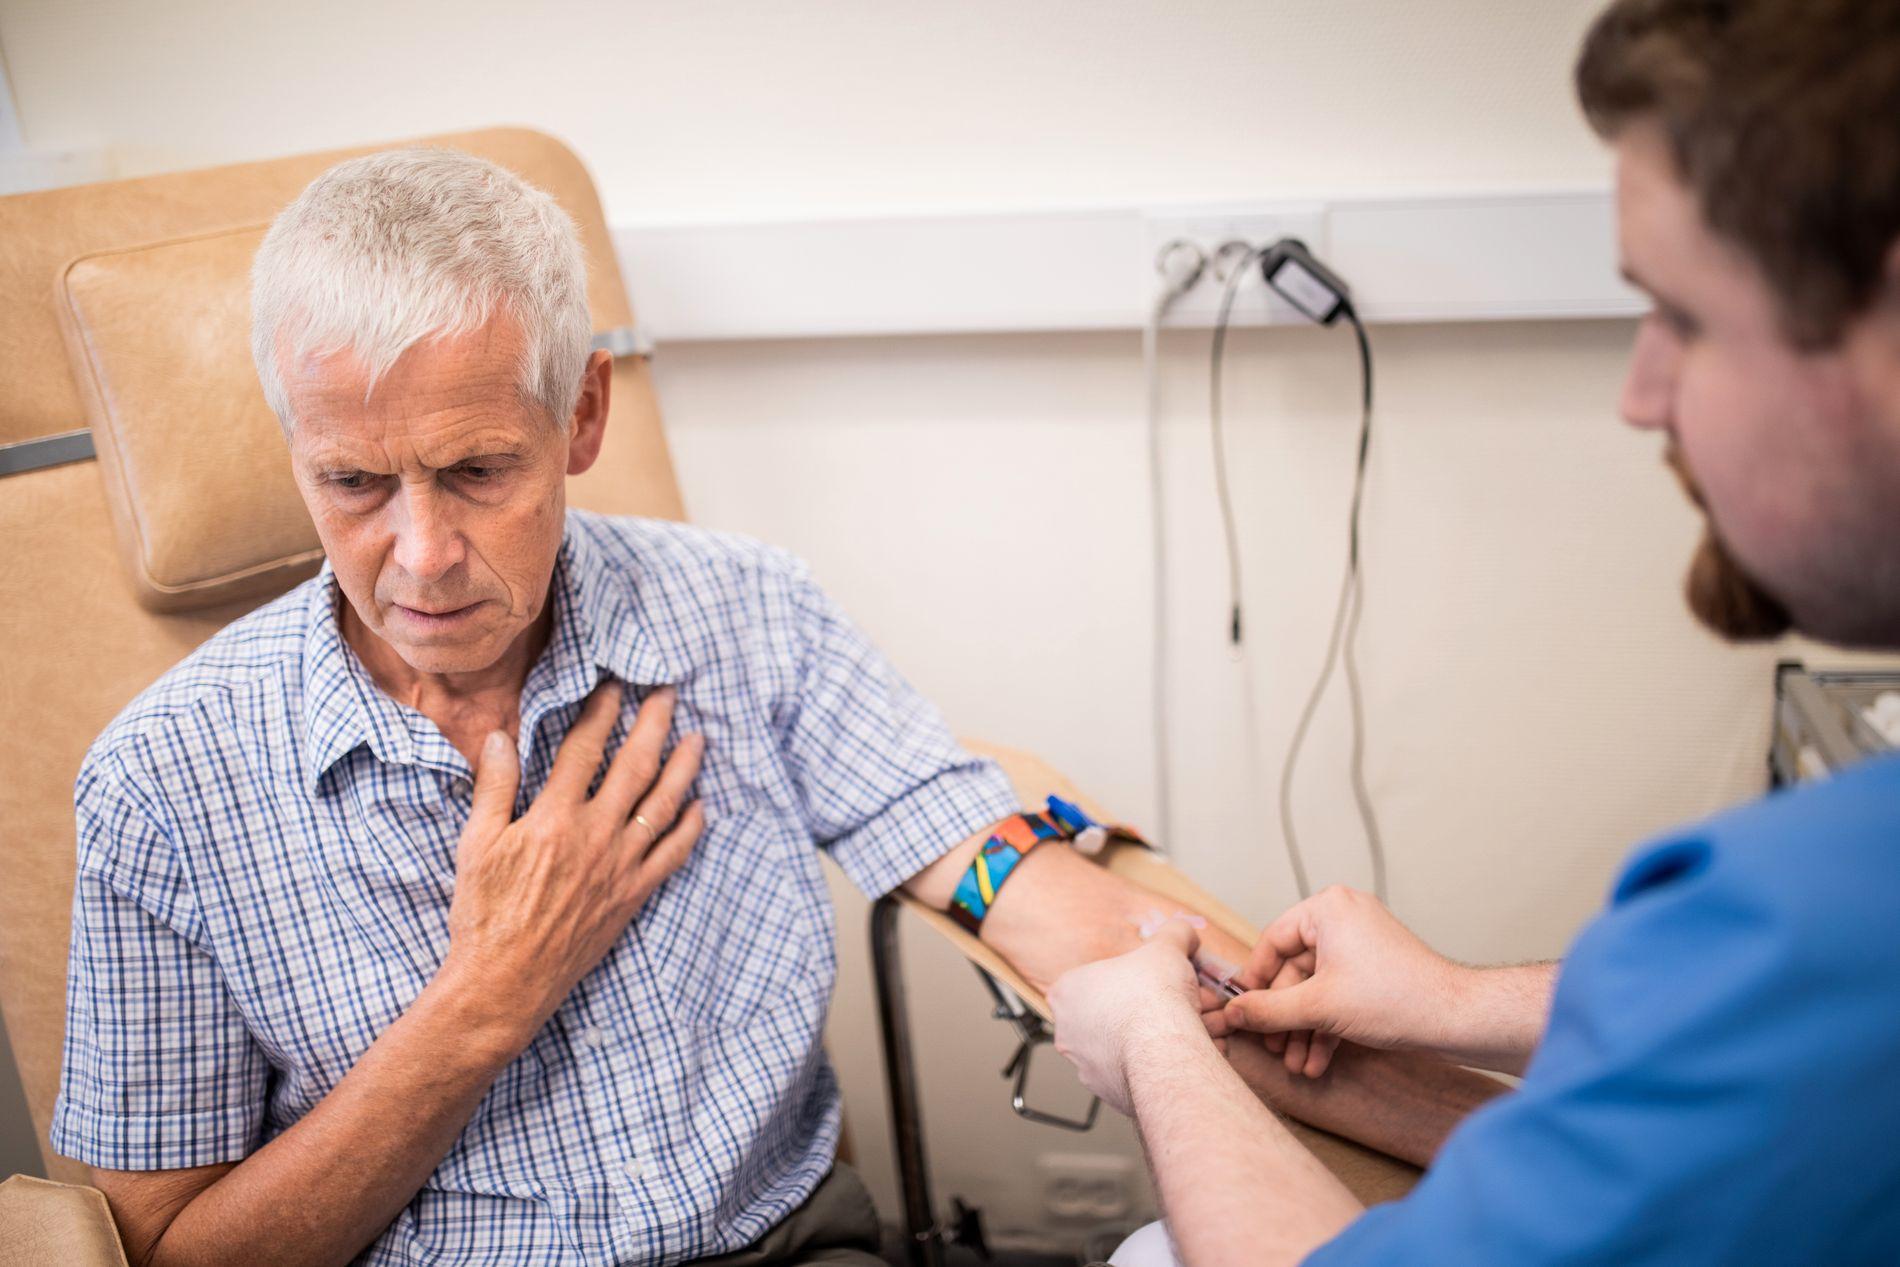 BEKYMRET: Terje Solbakk har fått nei til behandlingen som trolig er hans siste håp. Nå betaler han for immunterapi privat - noe som koster ham dyrt. Her tar han blodprøver i forkant av behandling.